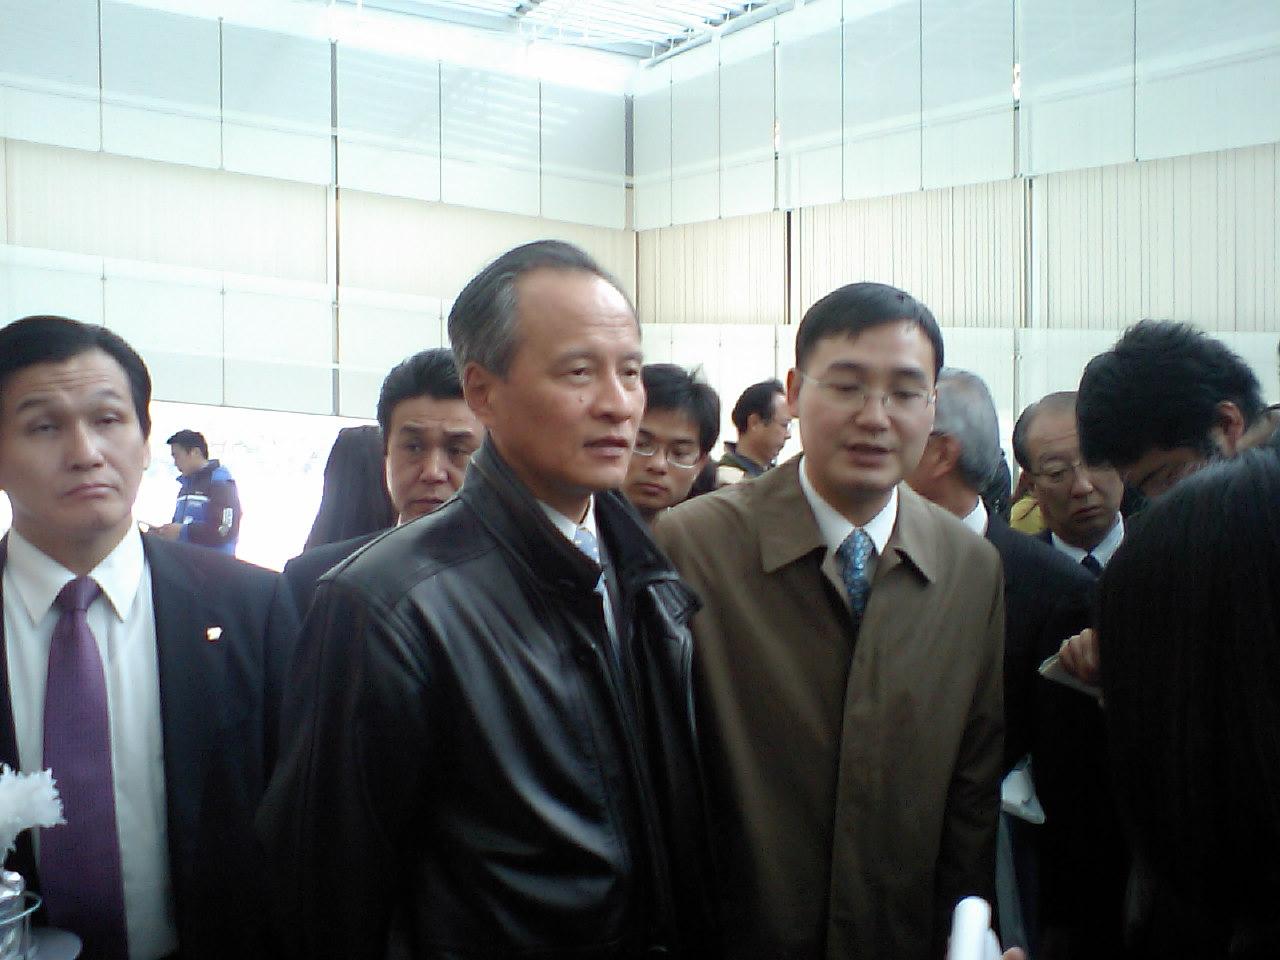 崔大使も出席し、在日中国人と春節を過ごし、マスコミ関係者に感想を述べる_d0027795_1402533.jpg